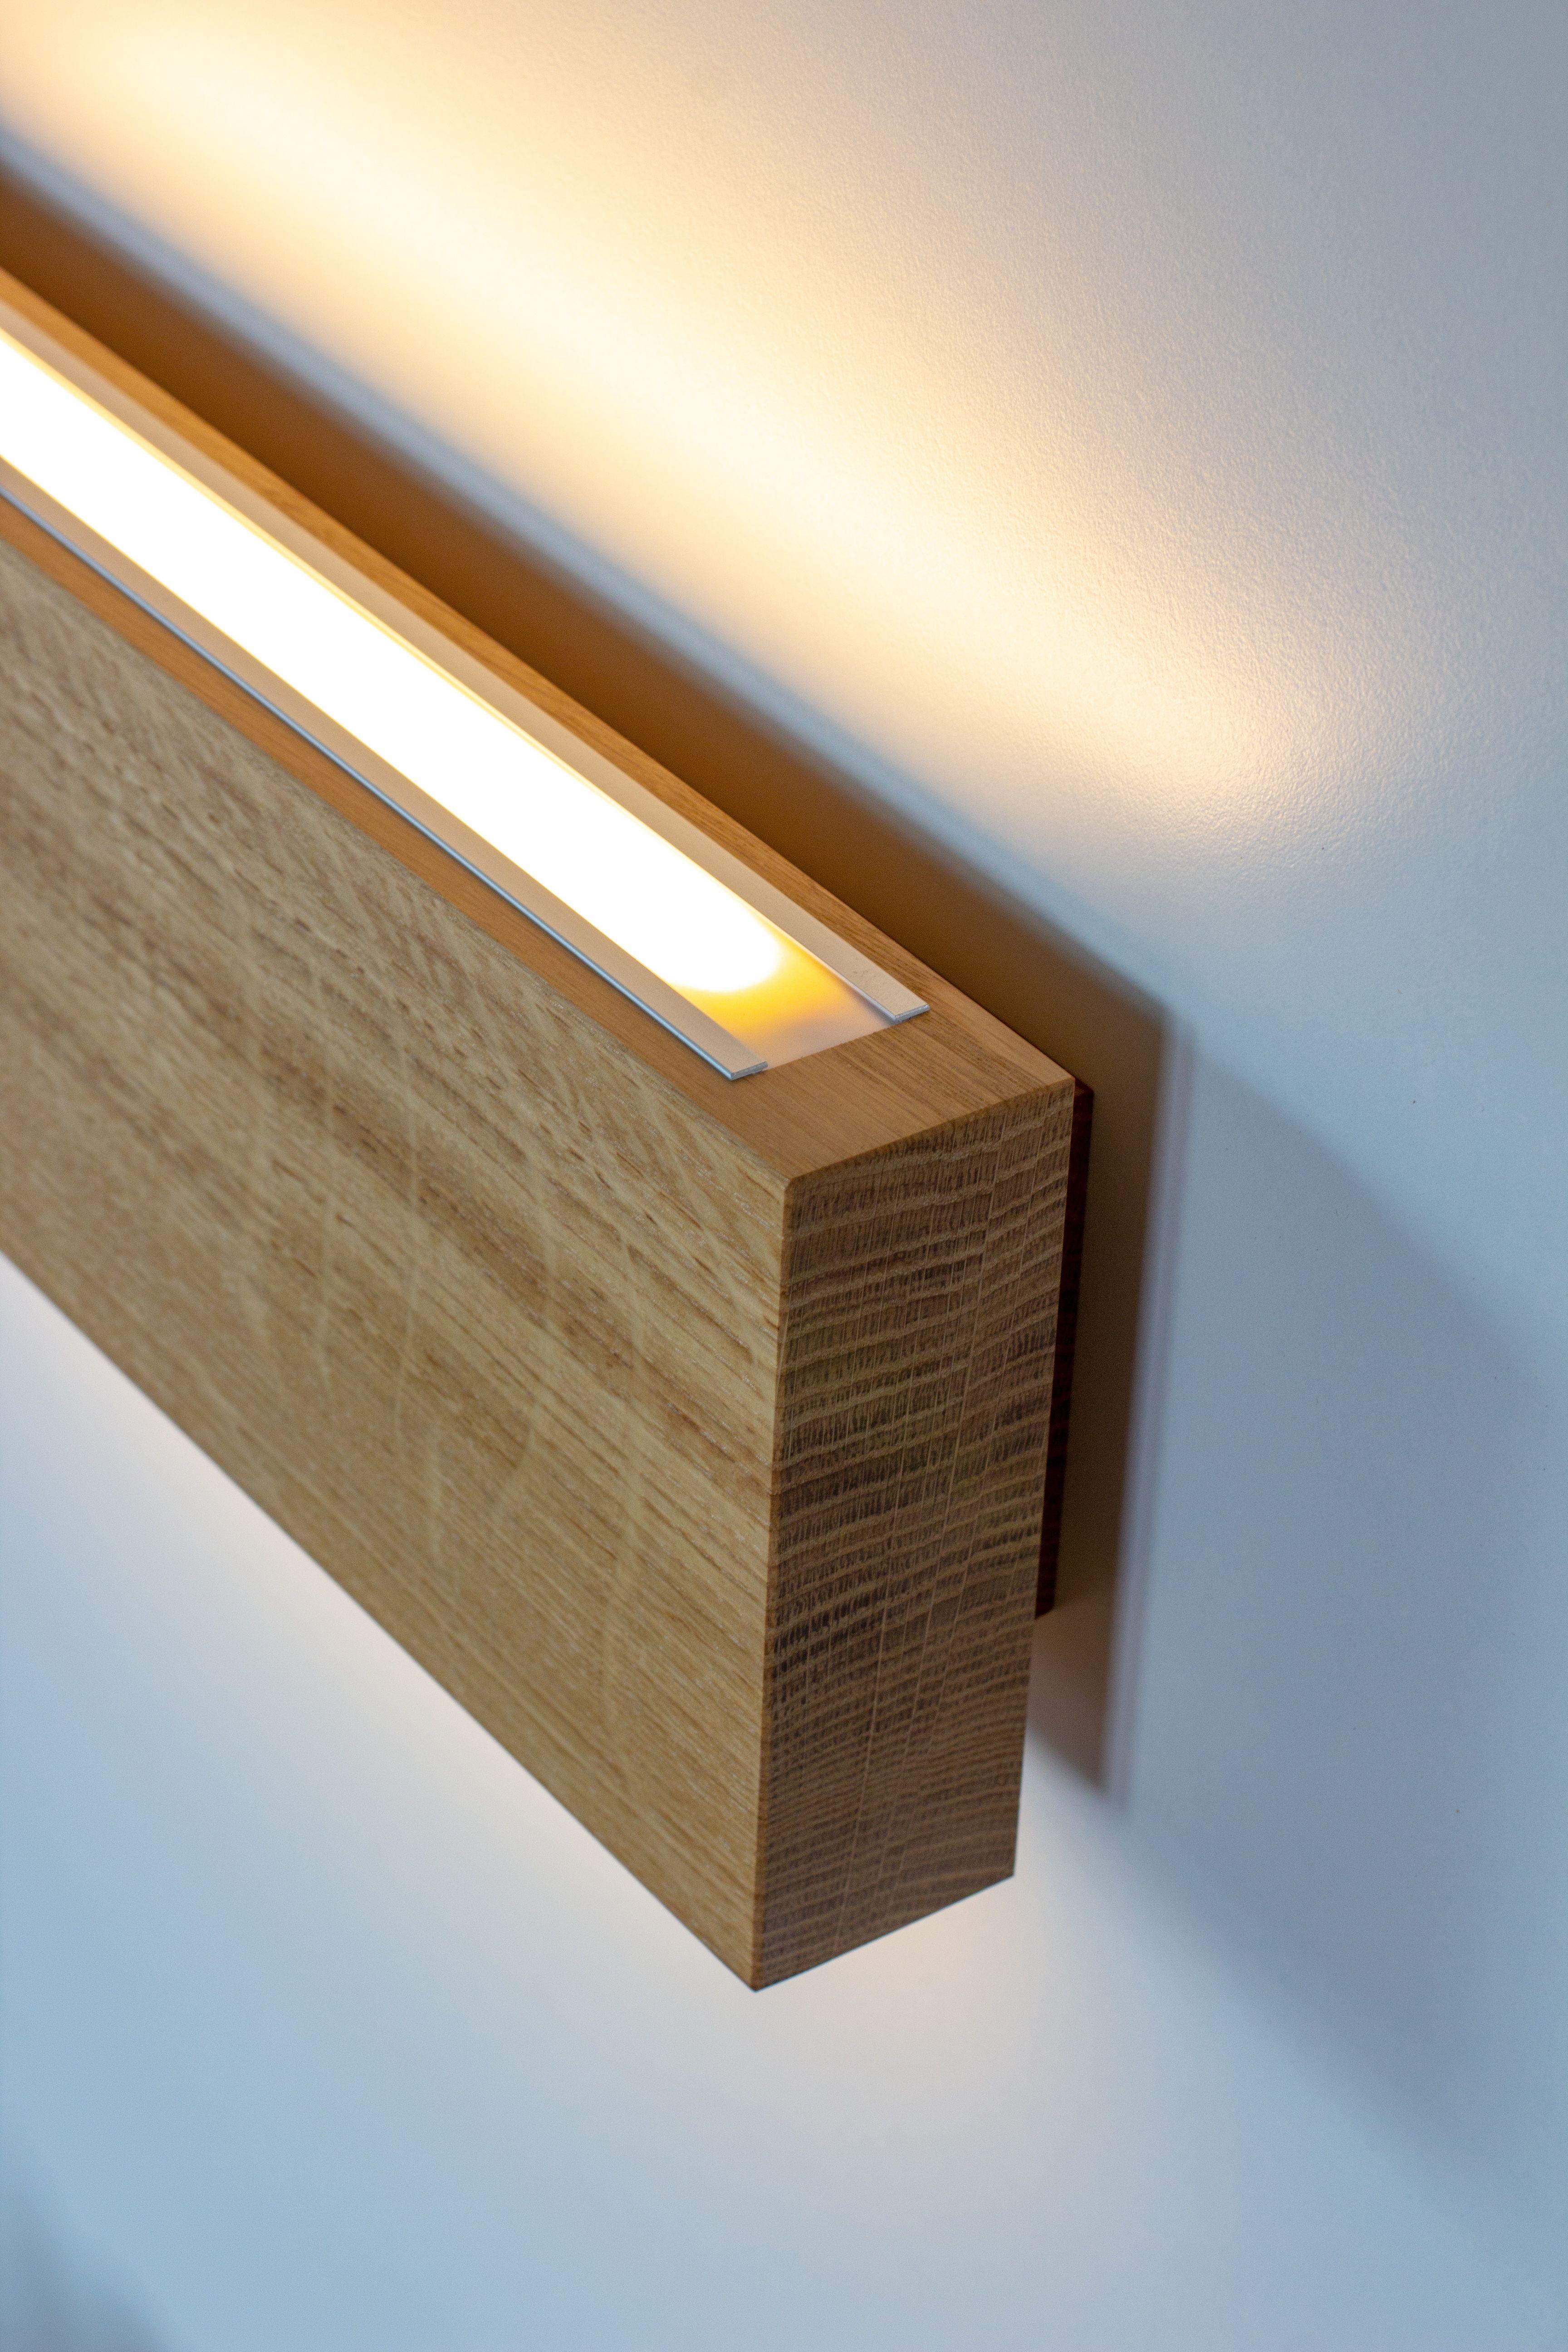 Wandleuchte Rechteck 1 Aus Massiver Eiche Etsy Éclairage Caché Lampe Bois Design Luminaire Bois